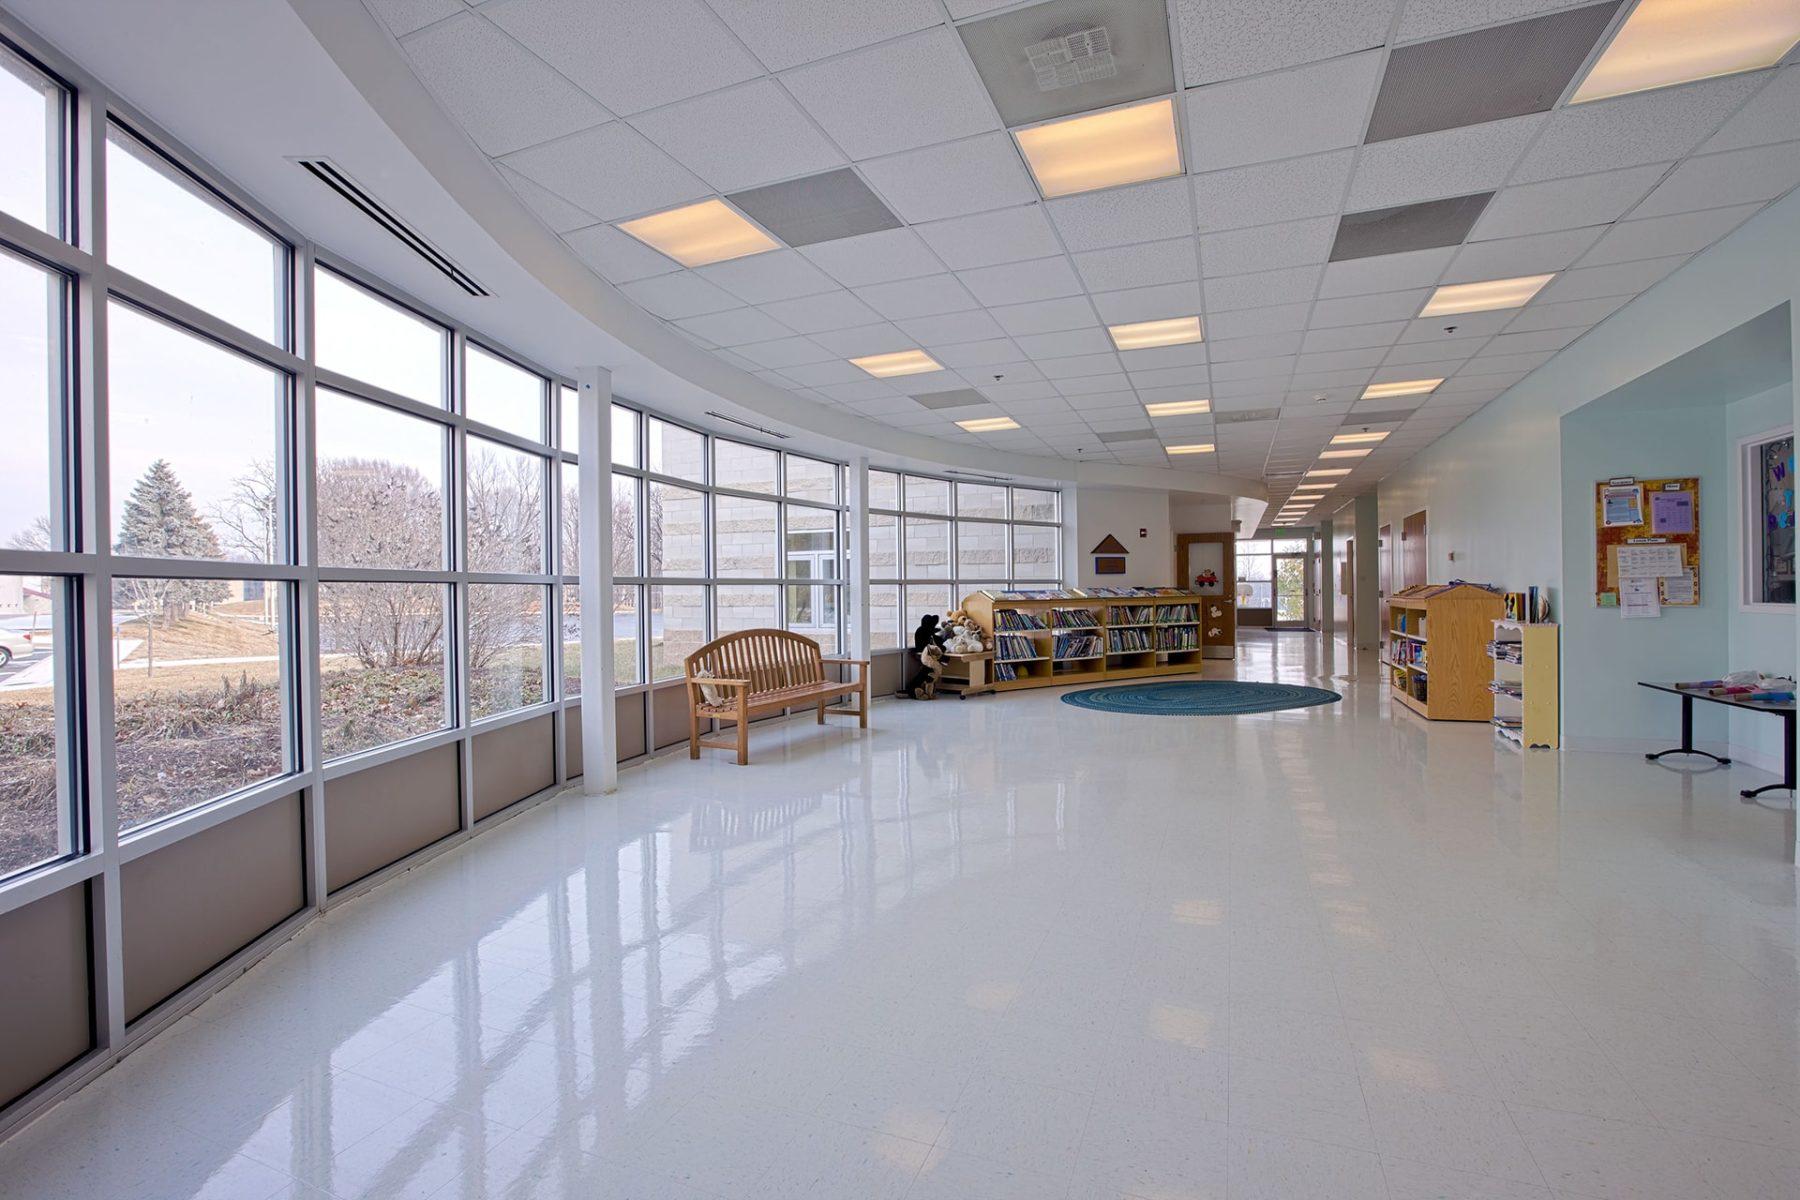 Howard Community College Children's Learning Center